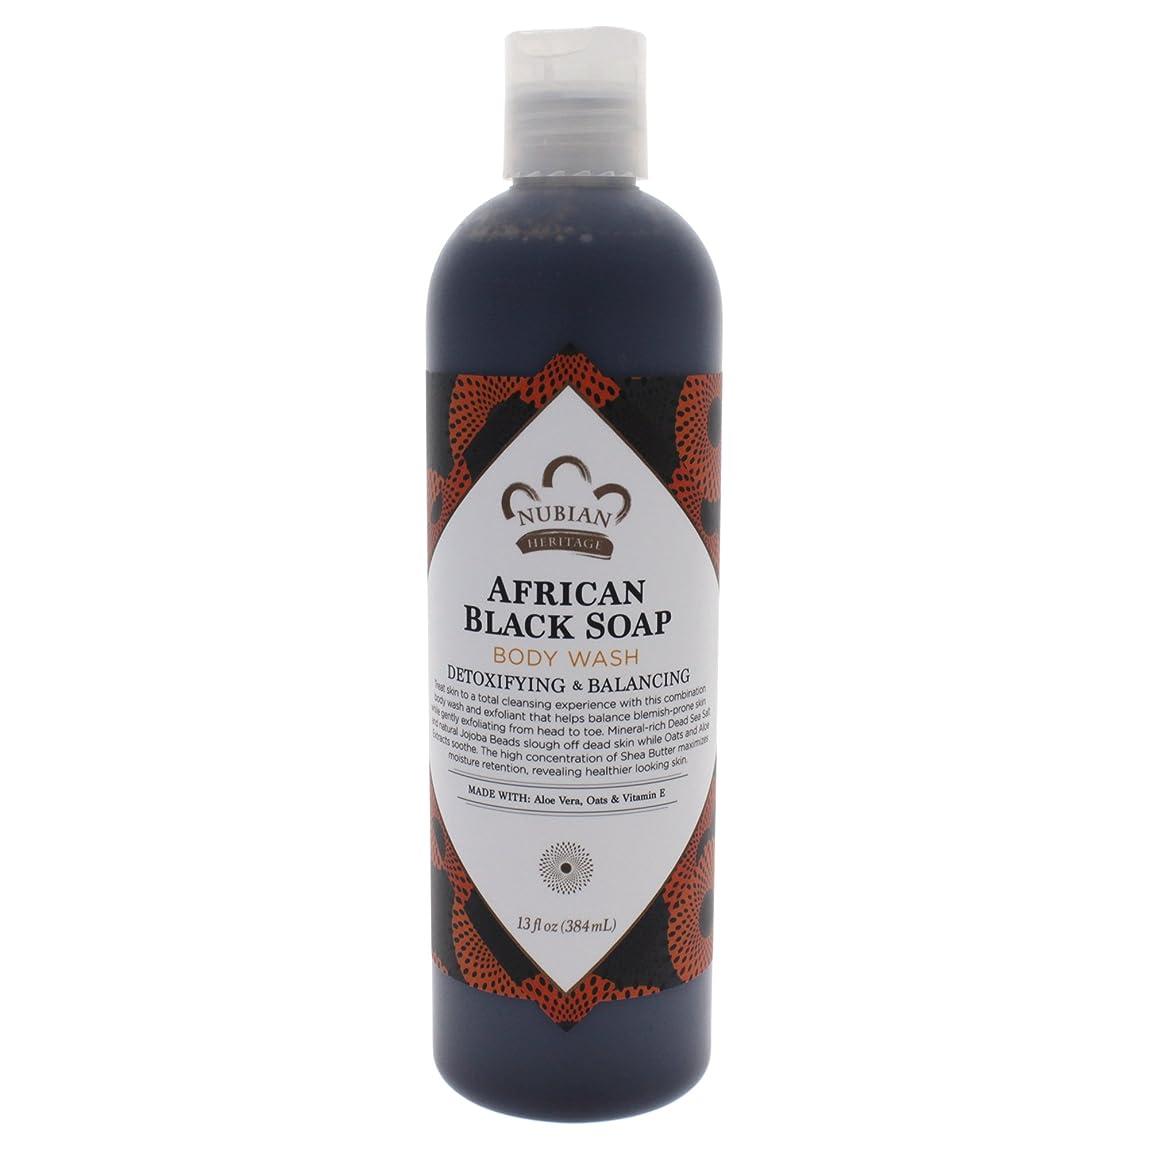 脇に回る高めるNubian Heritage - ボディウォッシュ アフリカ黒石鹸 - 13ポンド [並行輸入品]